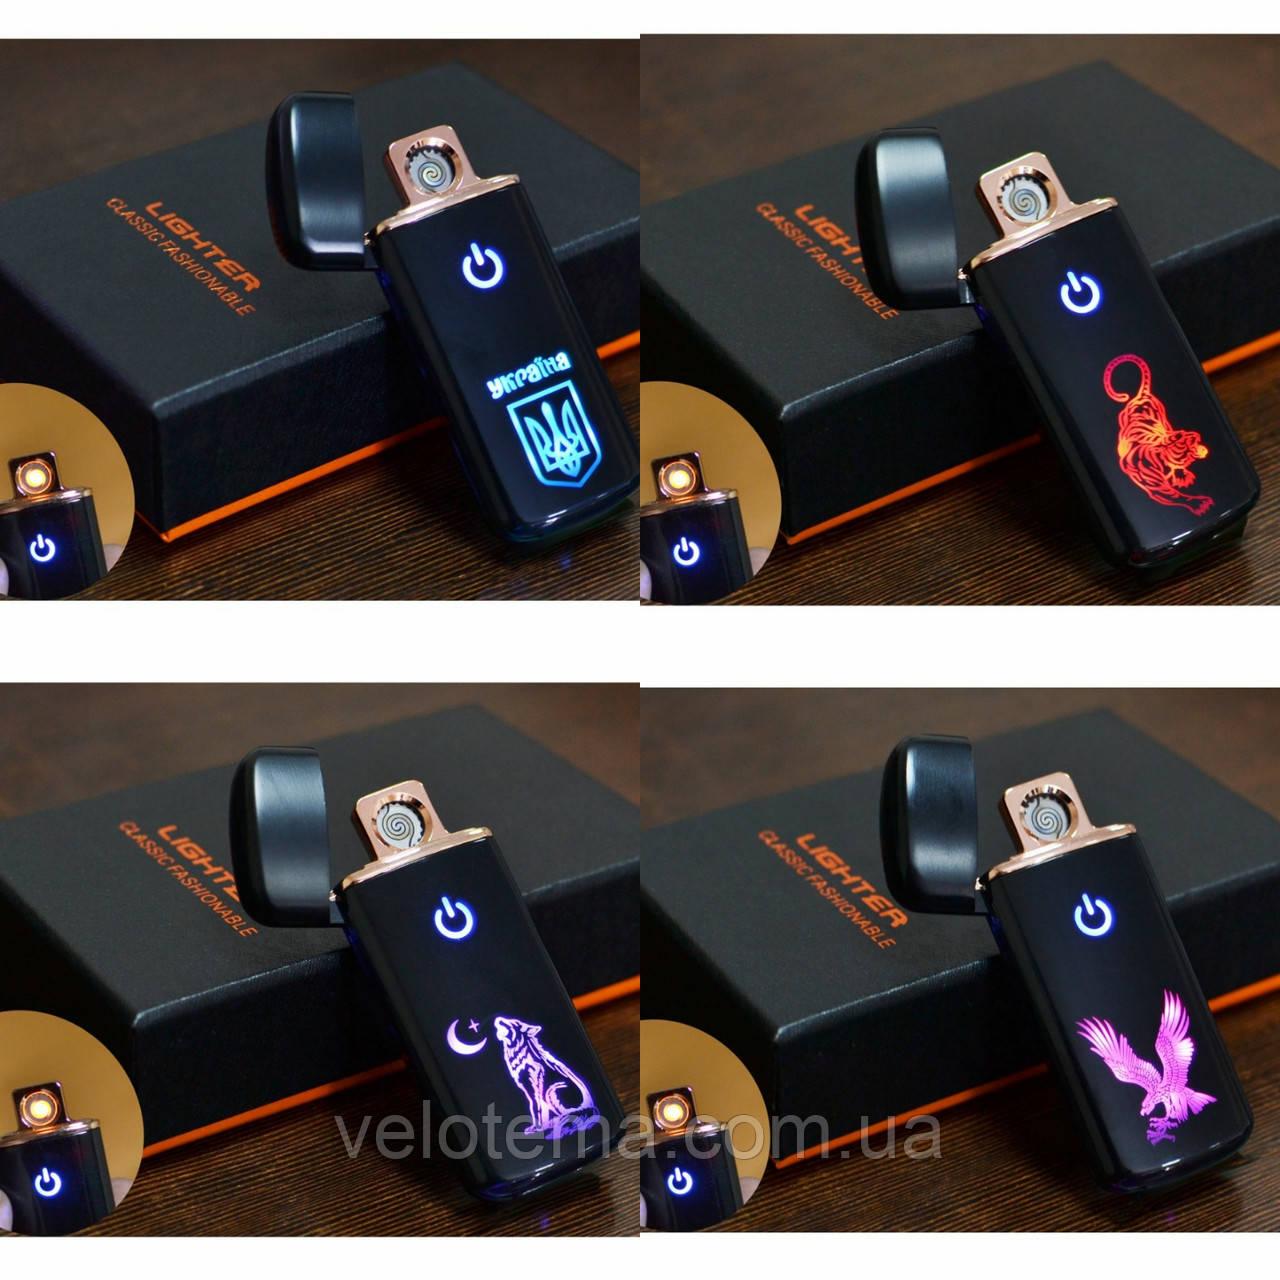 Електронна електроімпульсна USB запальничка в подарунковій упаковці